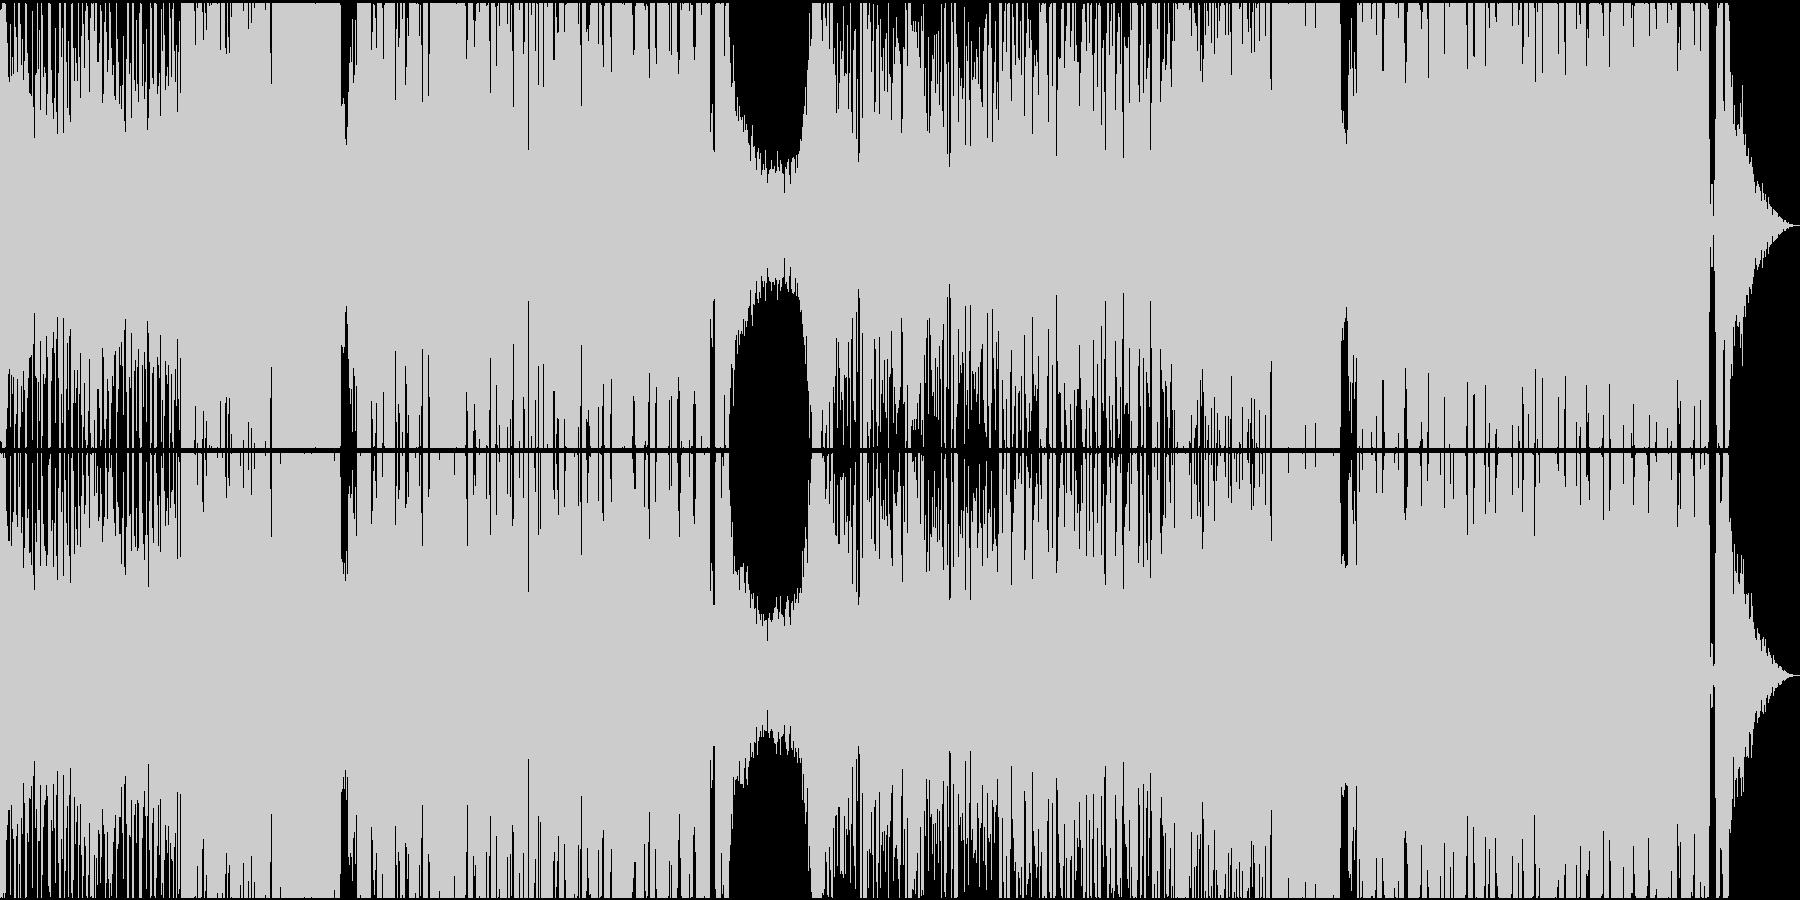 映画に出てきそうなダークなEDM の未再生の波形